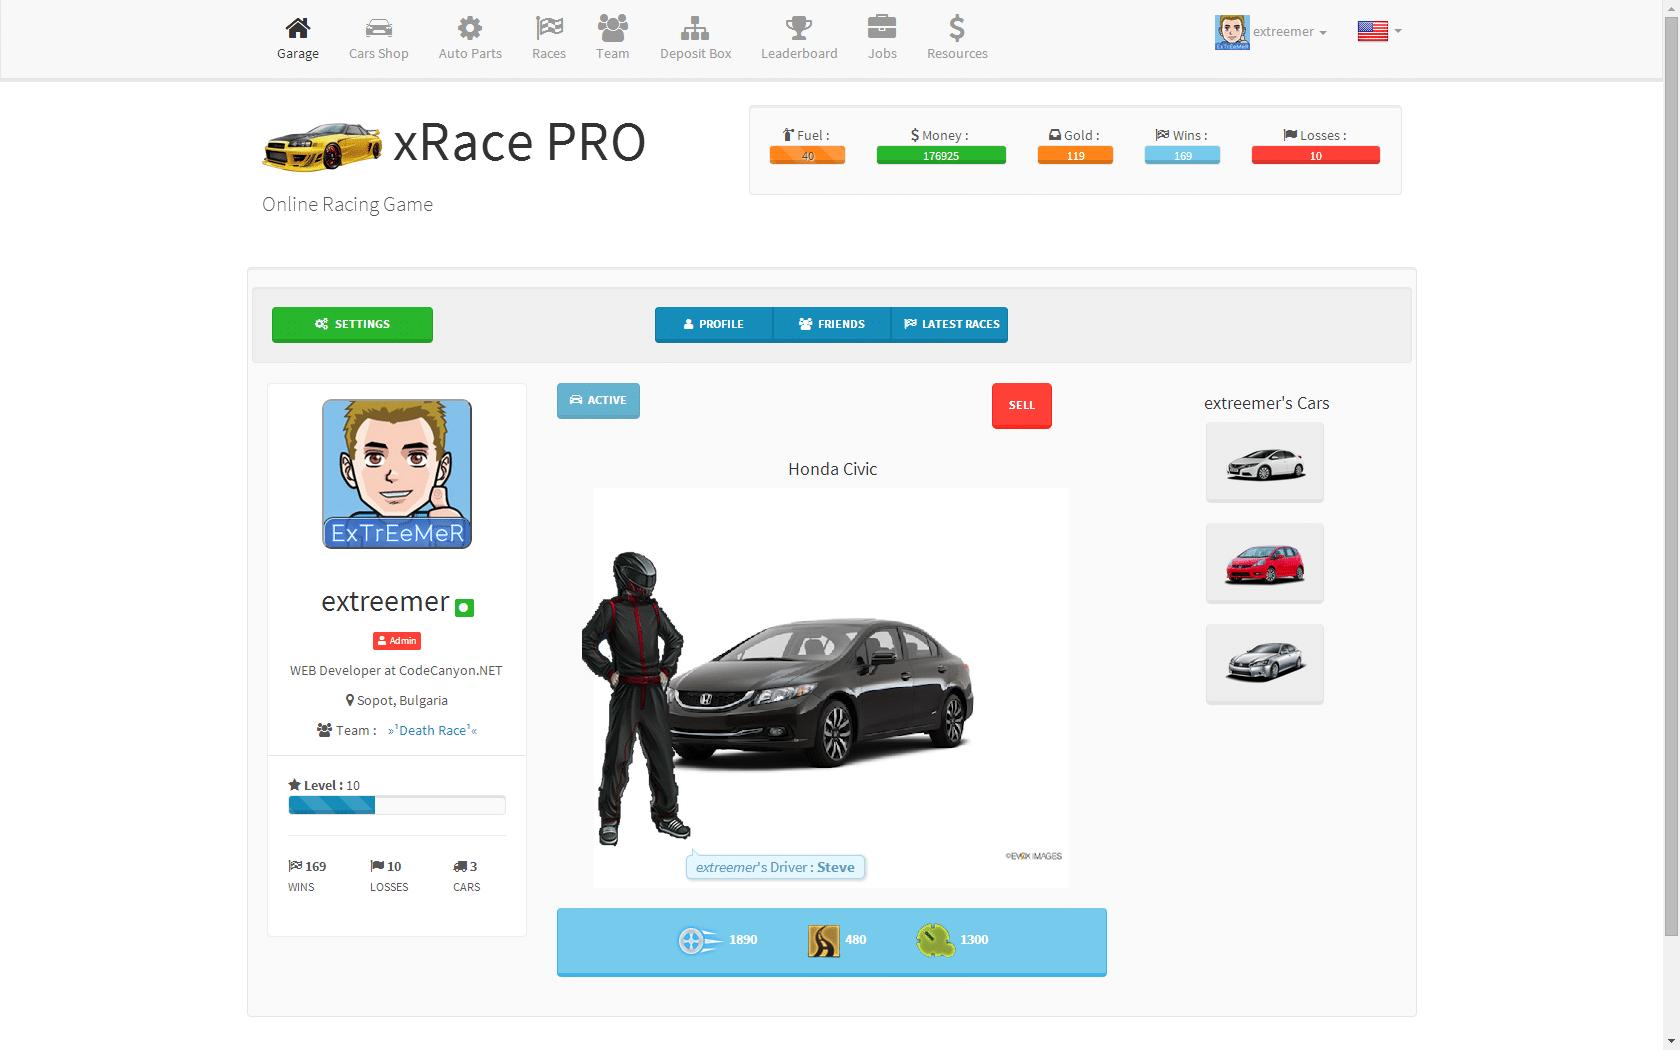 بازی اینترنتی ماشین XRace PRO